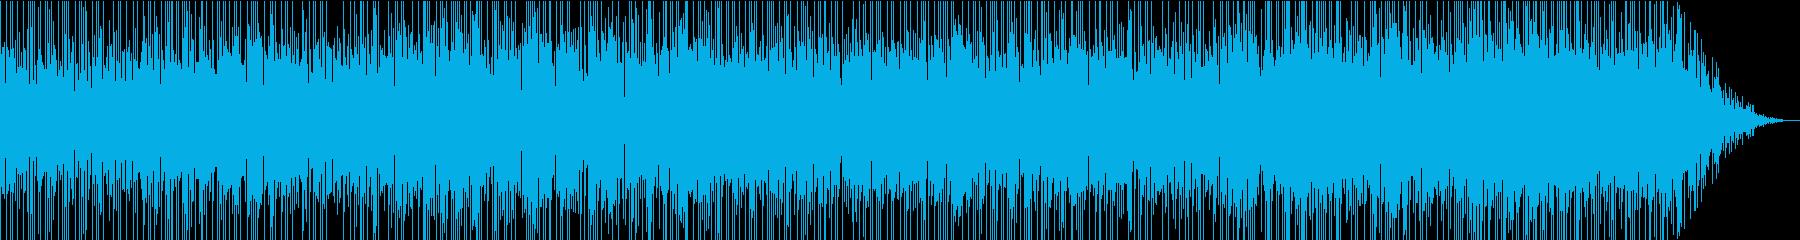 アルトサックスが印象的なドライブBGMの再生済みの波形